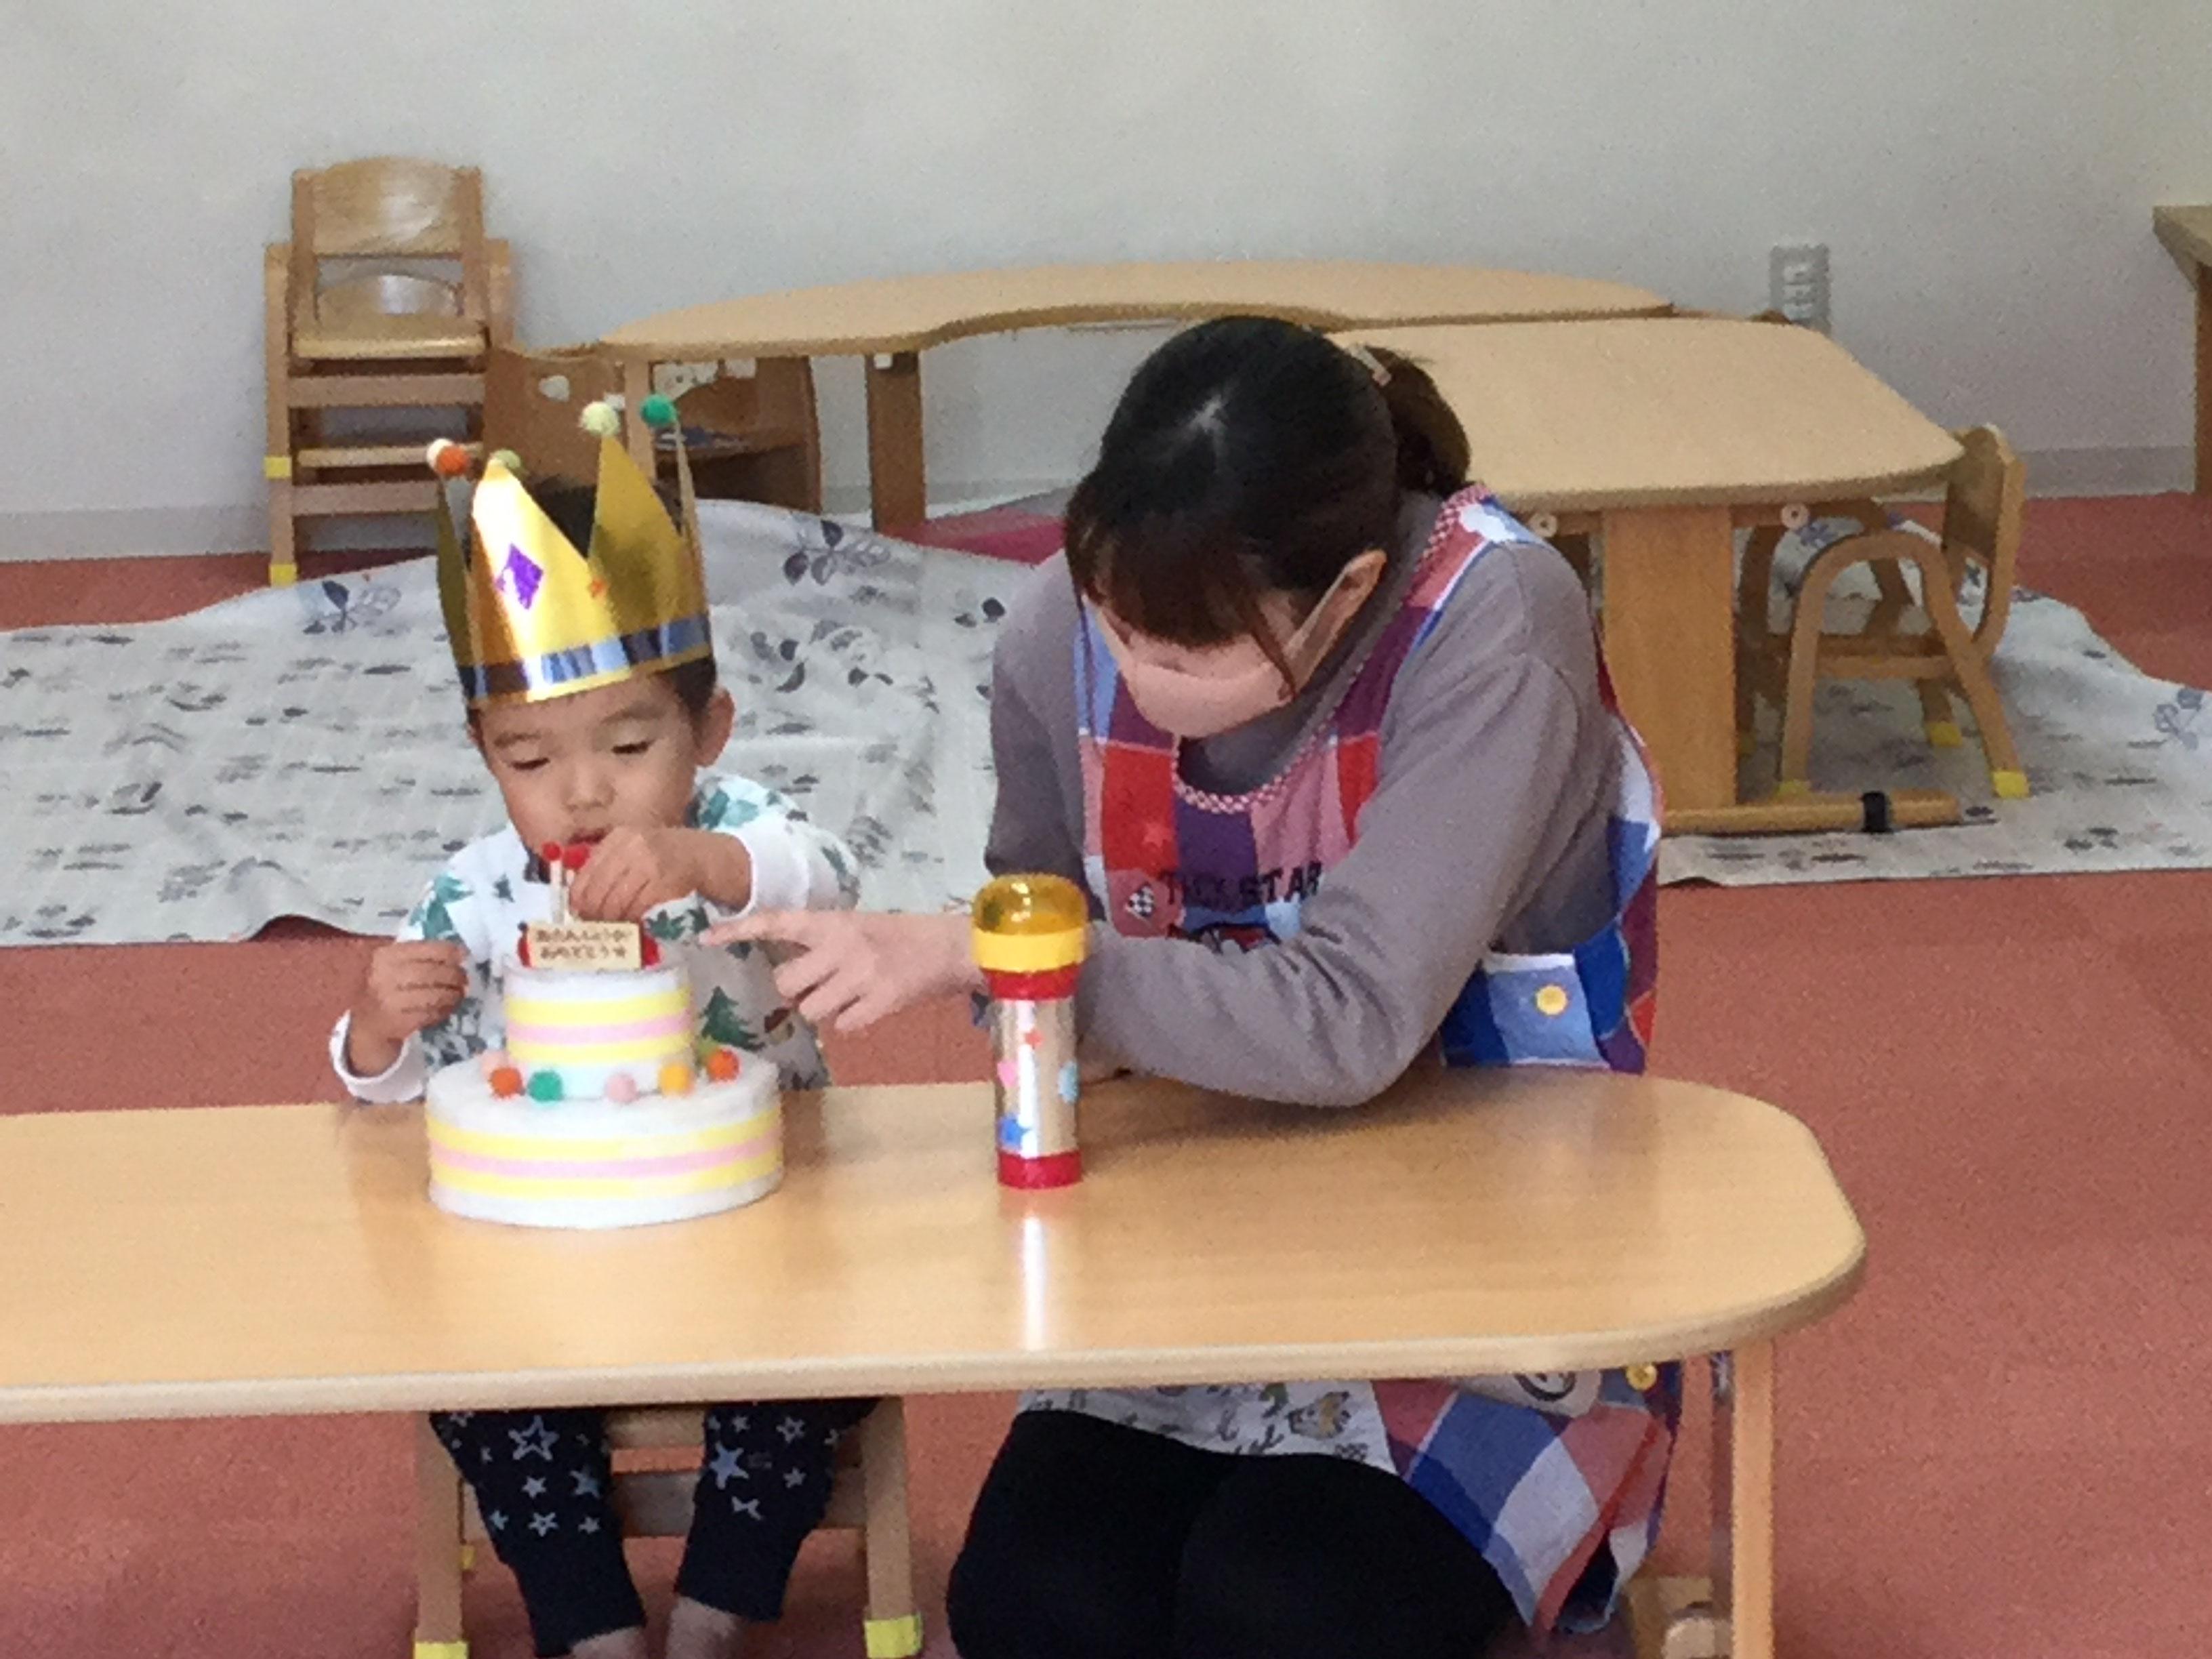 今日は、ほしぐみのいつきくんのお誕生日会をしました。いつきくんは、3日で3歳になりました。みんなから、♪ハッピーバーズディ♪の歌とケーキのプレゼント。お誕生日おめでとう !